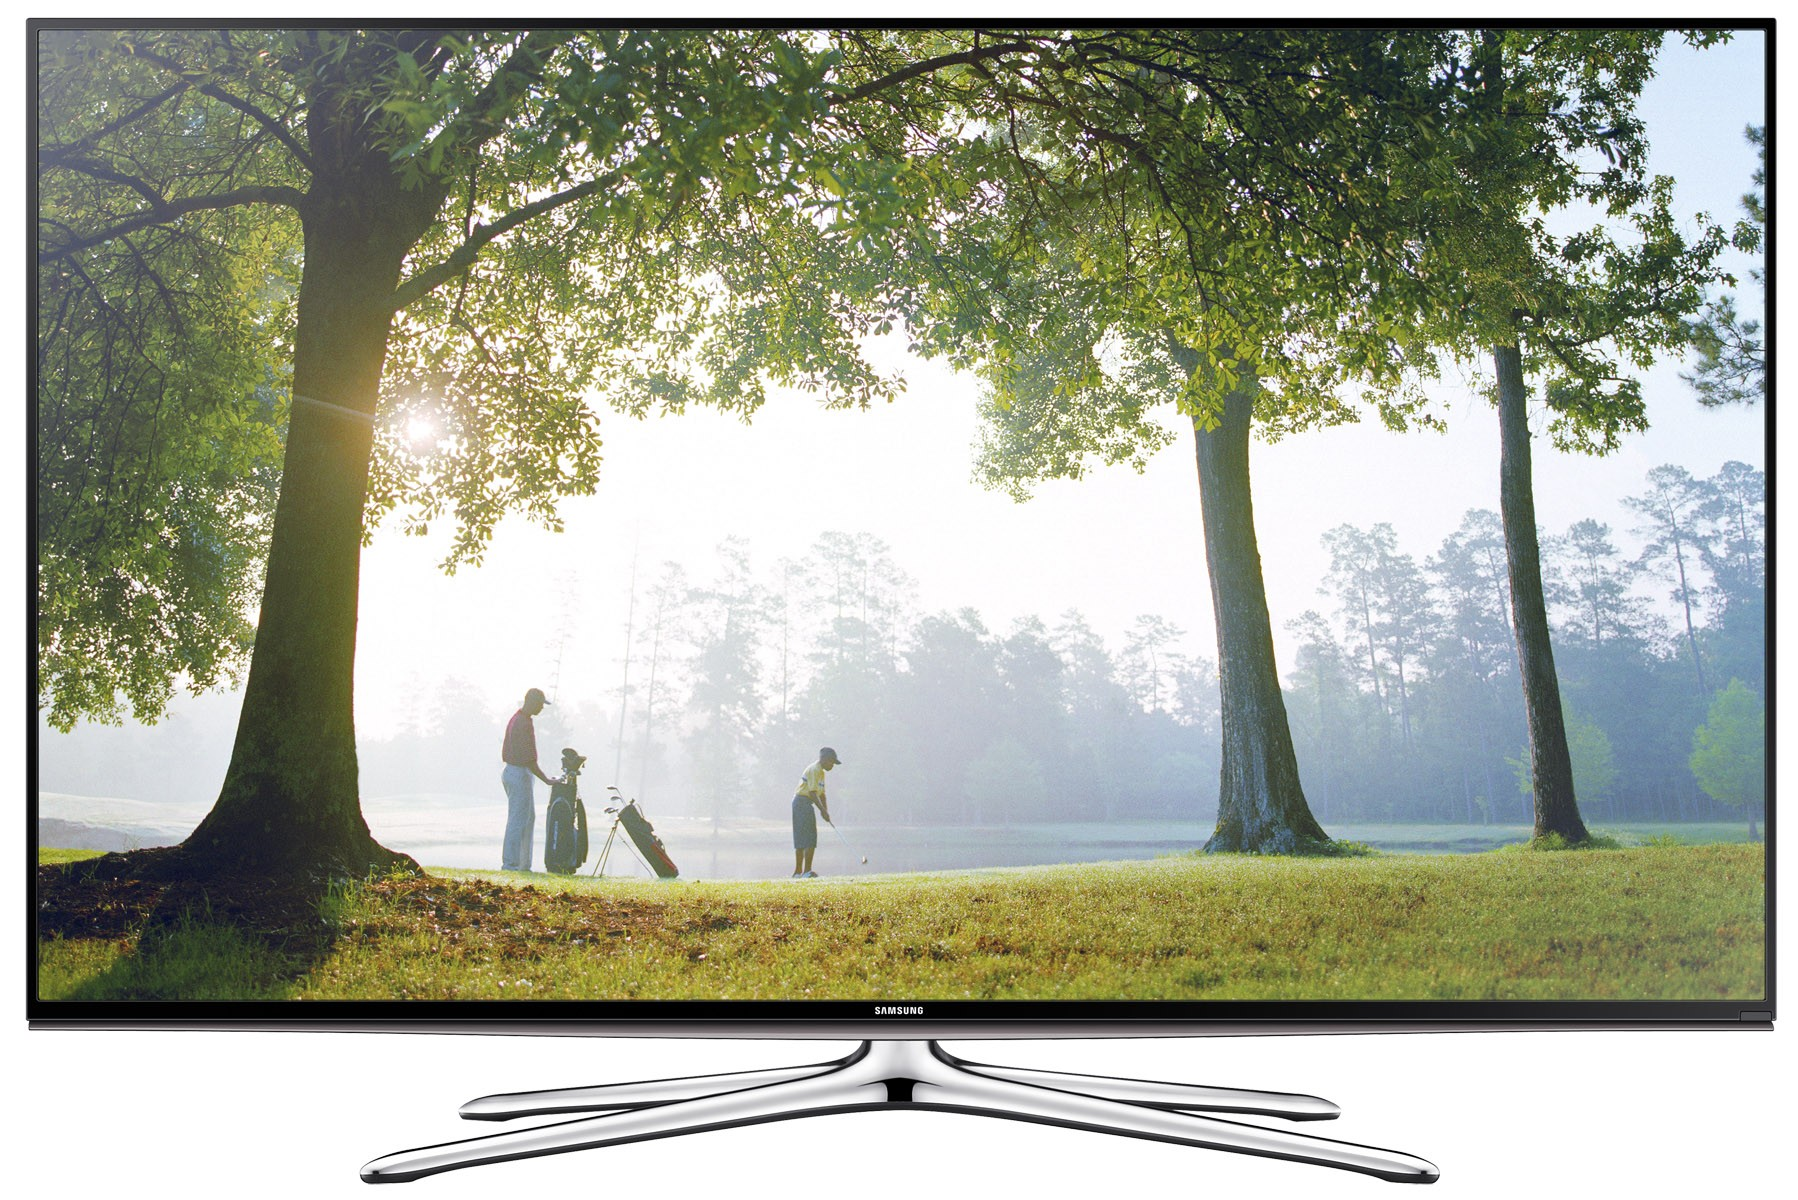 9. Samsung UE40H6203